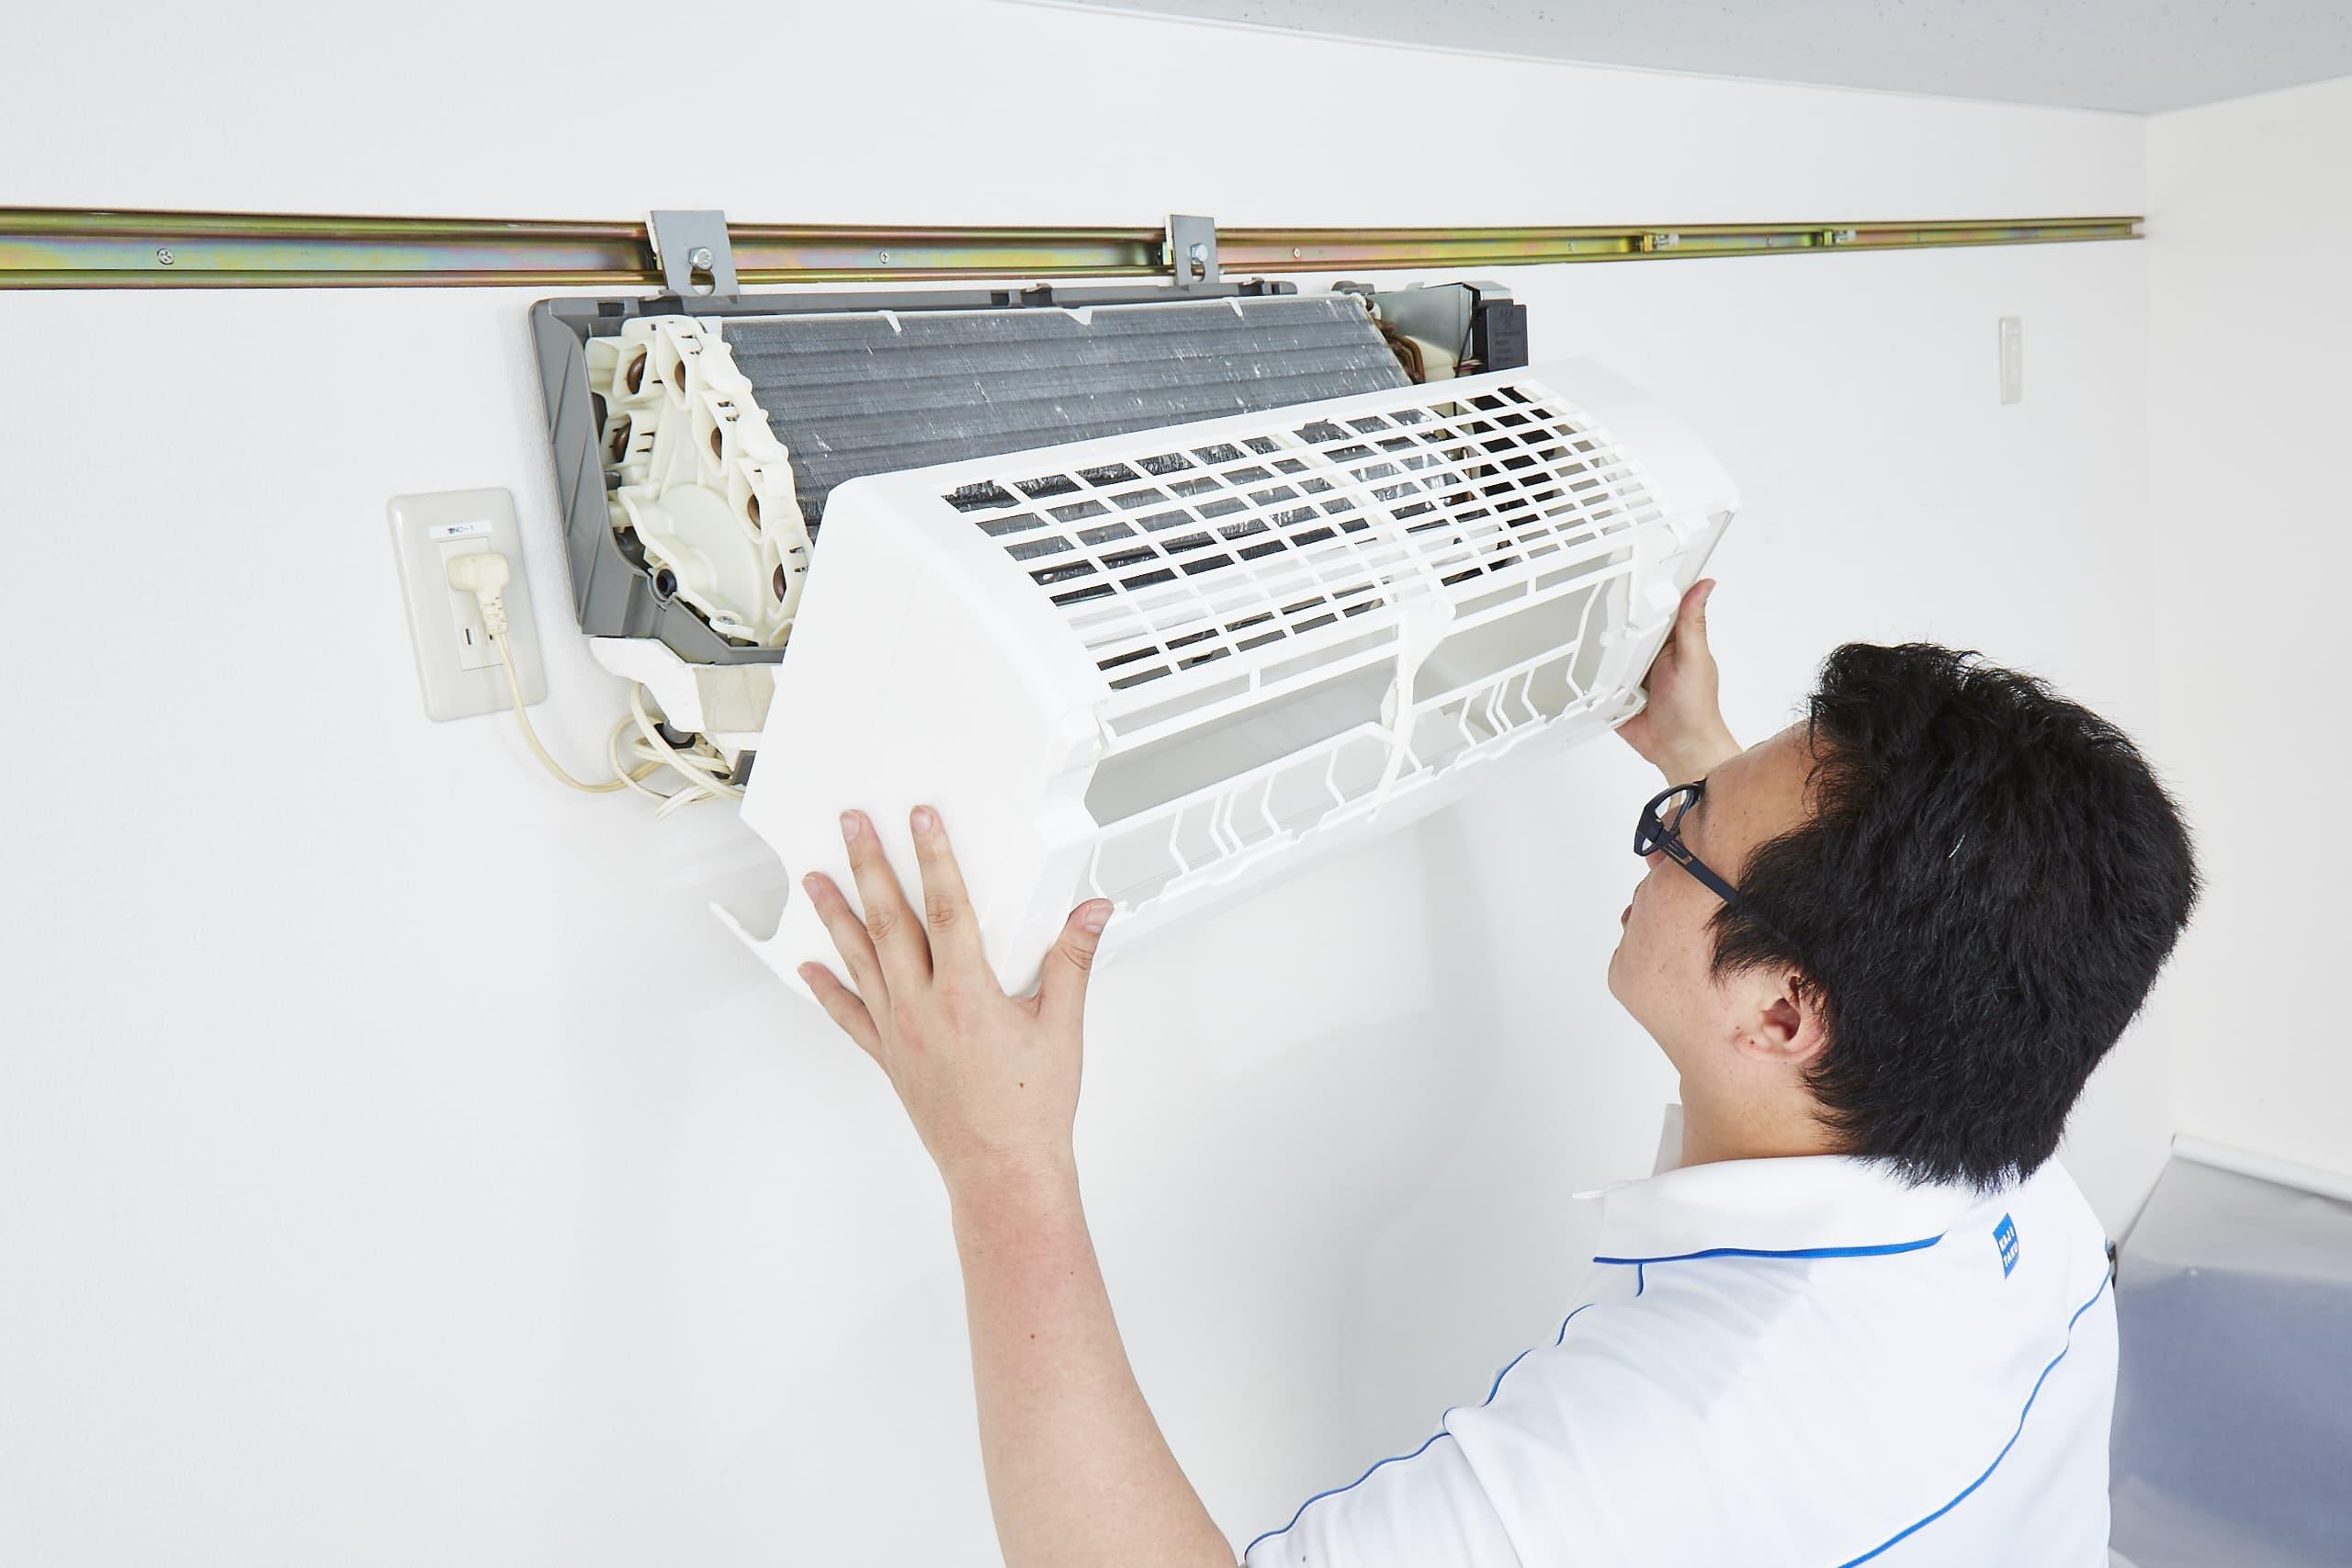 エアコンを分解しているプロ